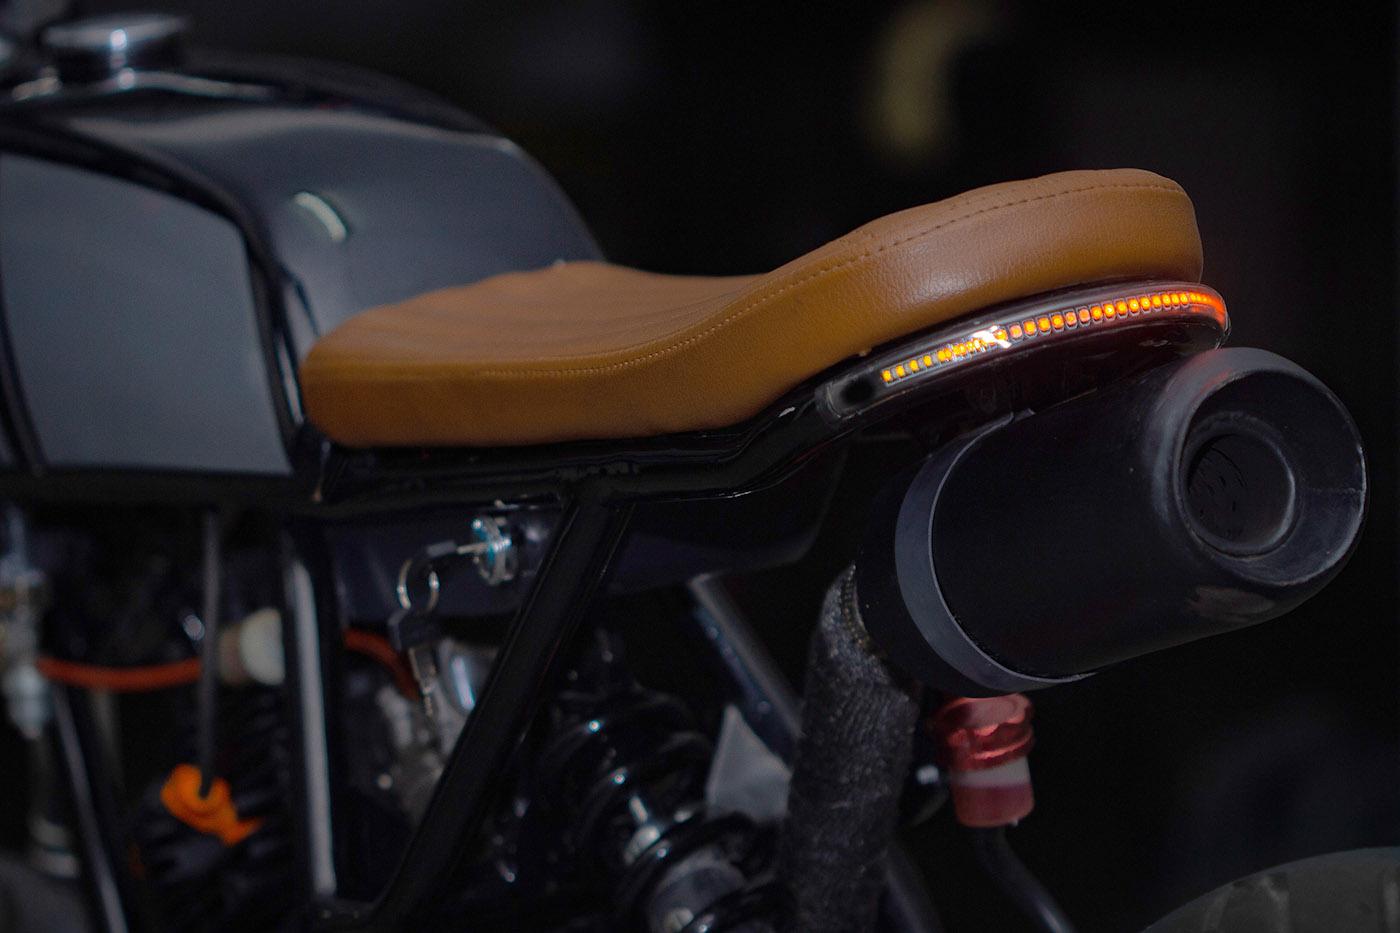 Rangka Belakang Yamaha Scorpio Custom Tracker